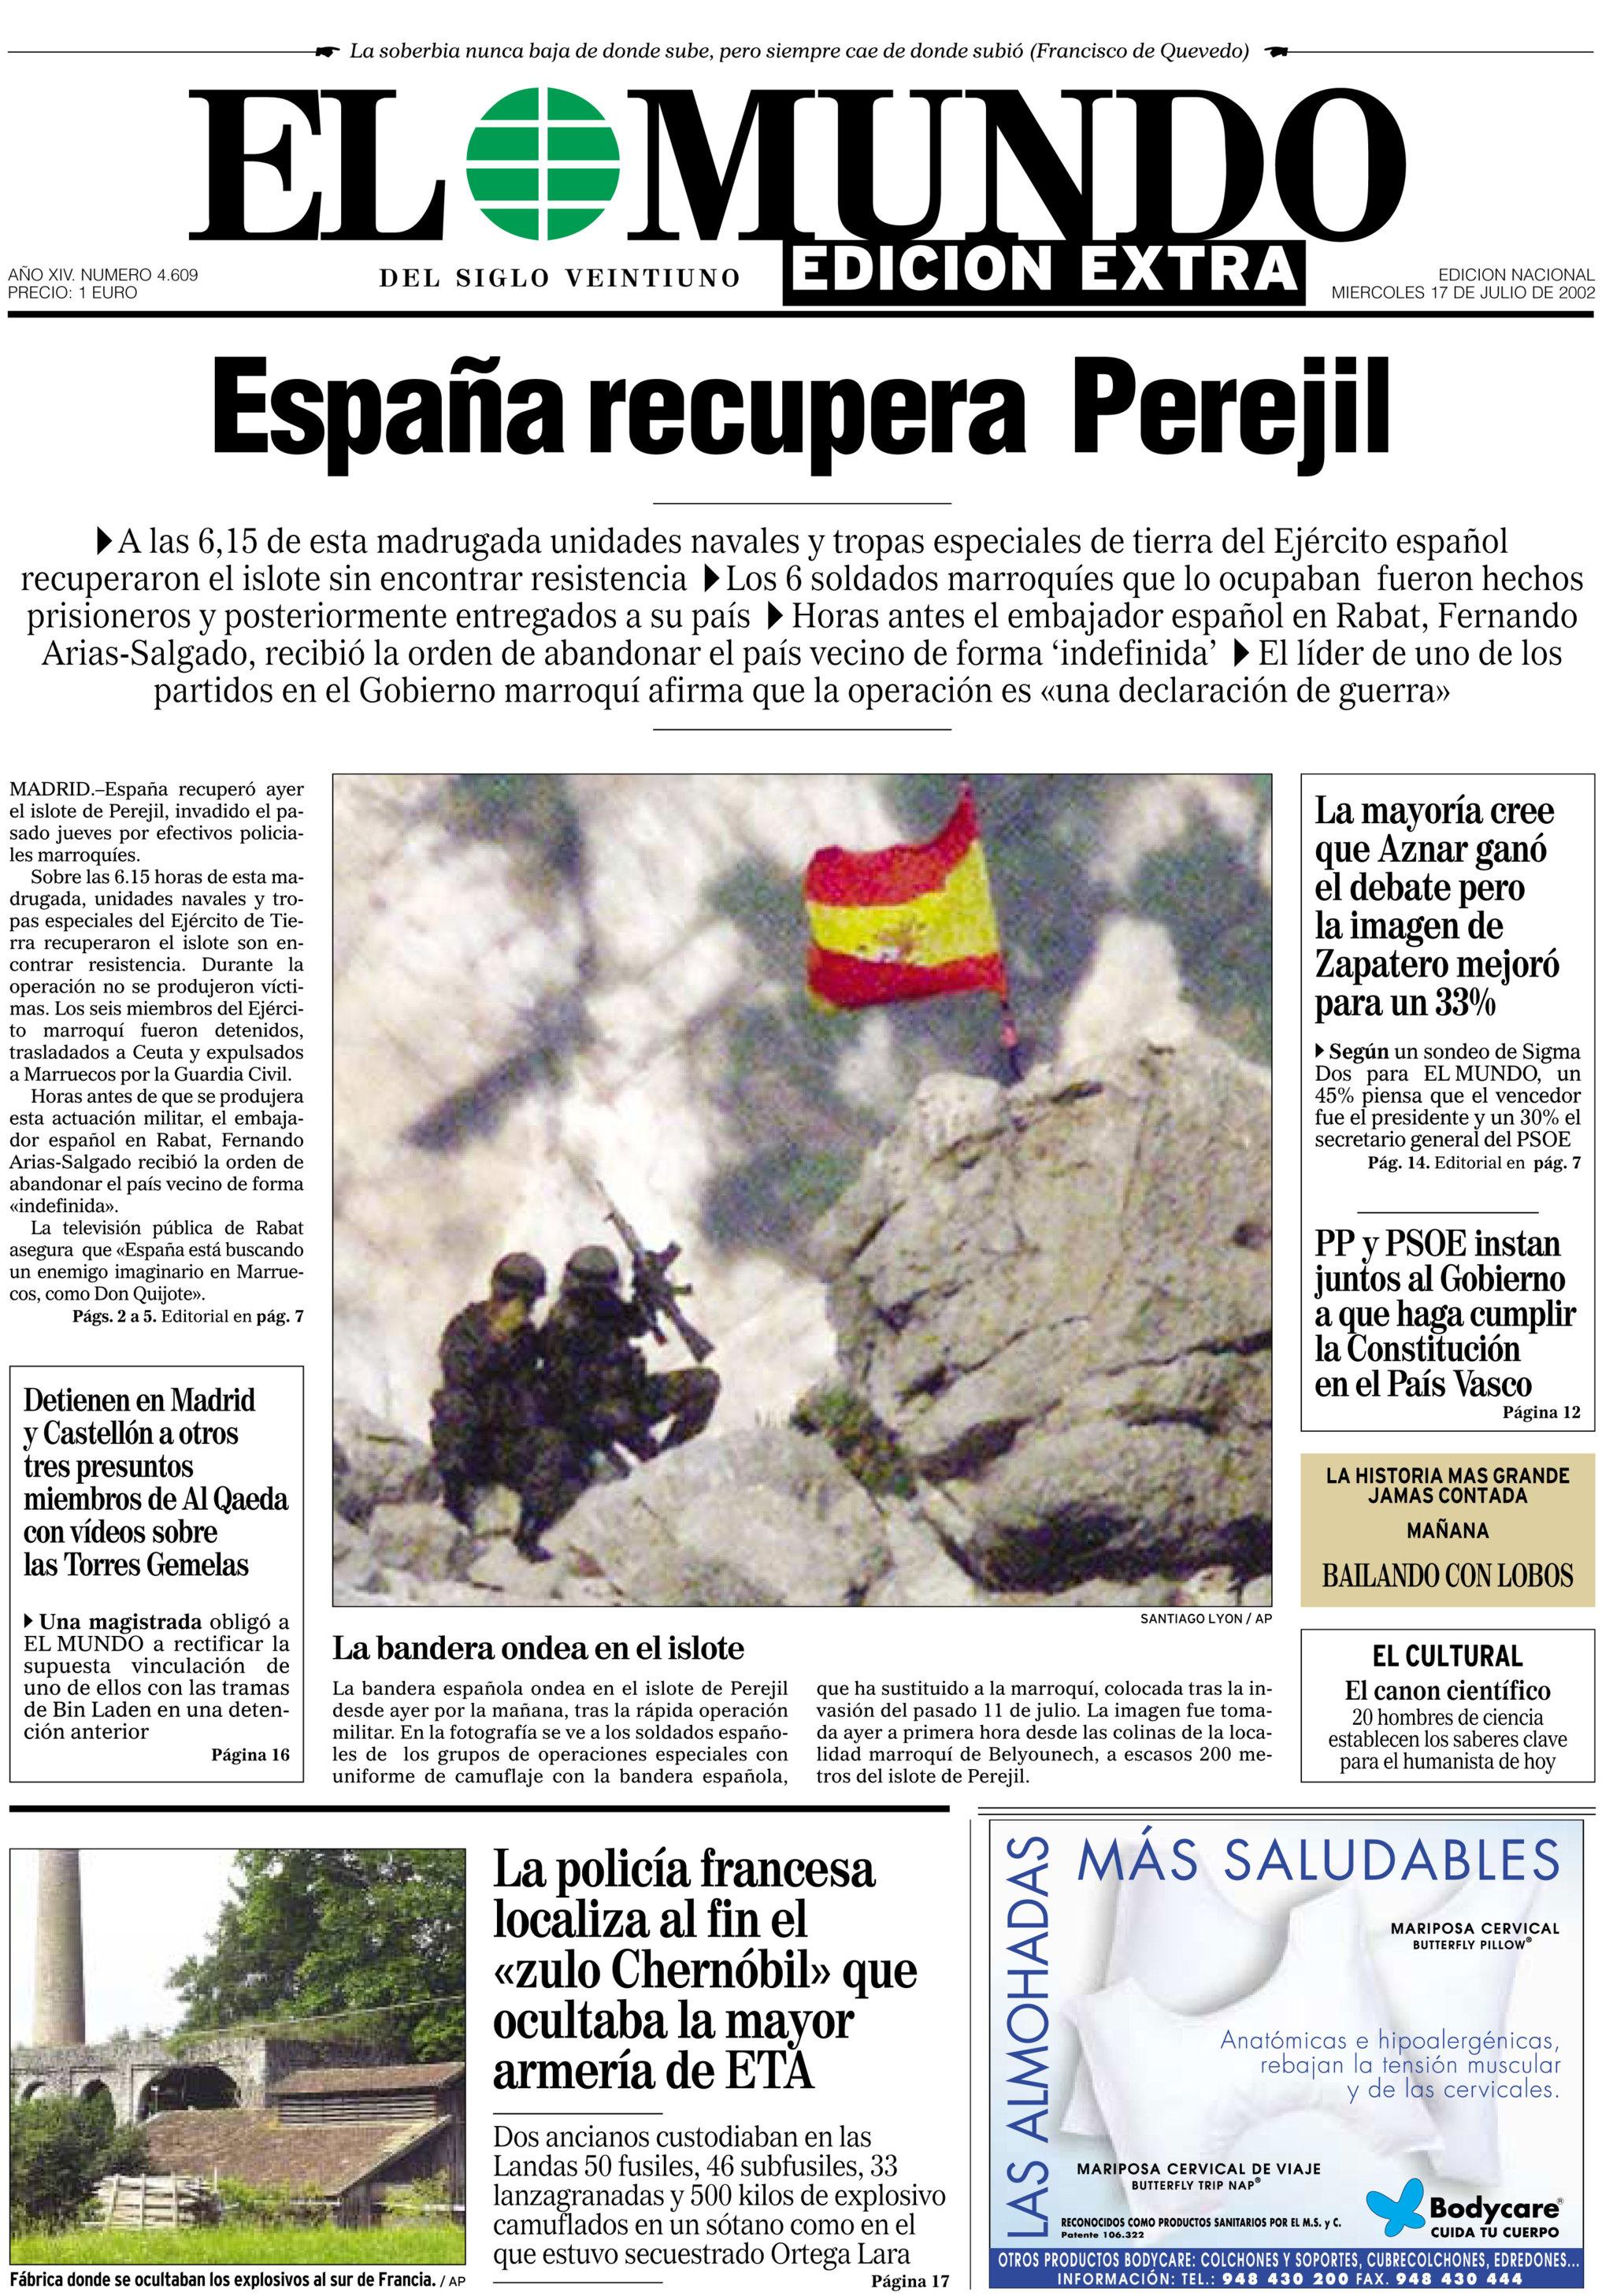 Primera plana: Zidane invadió Perejil | Marca.com